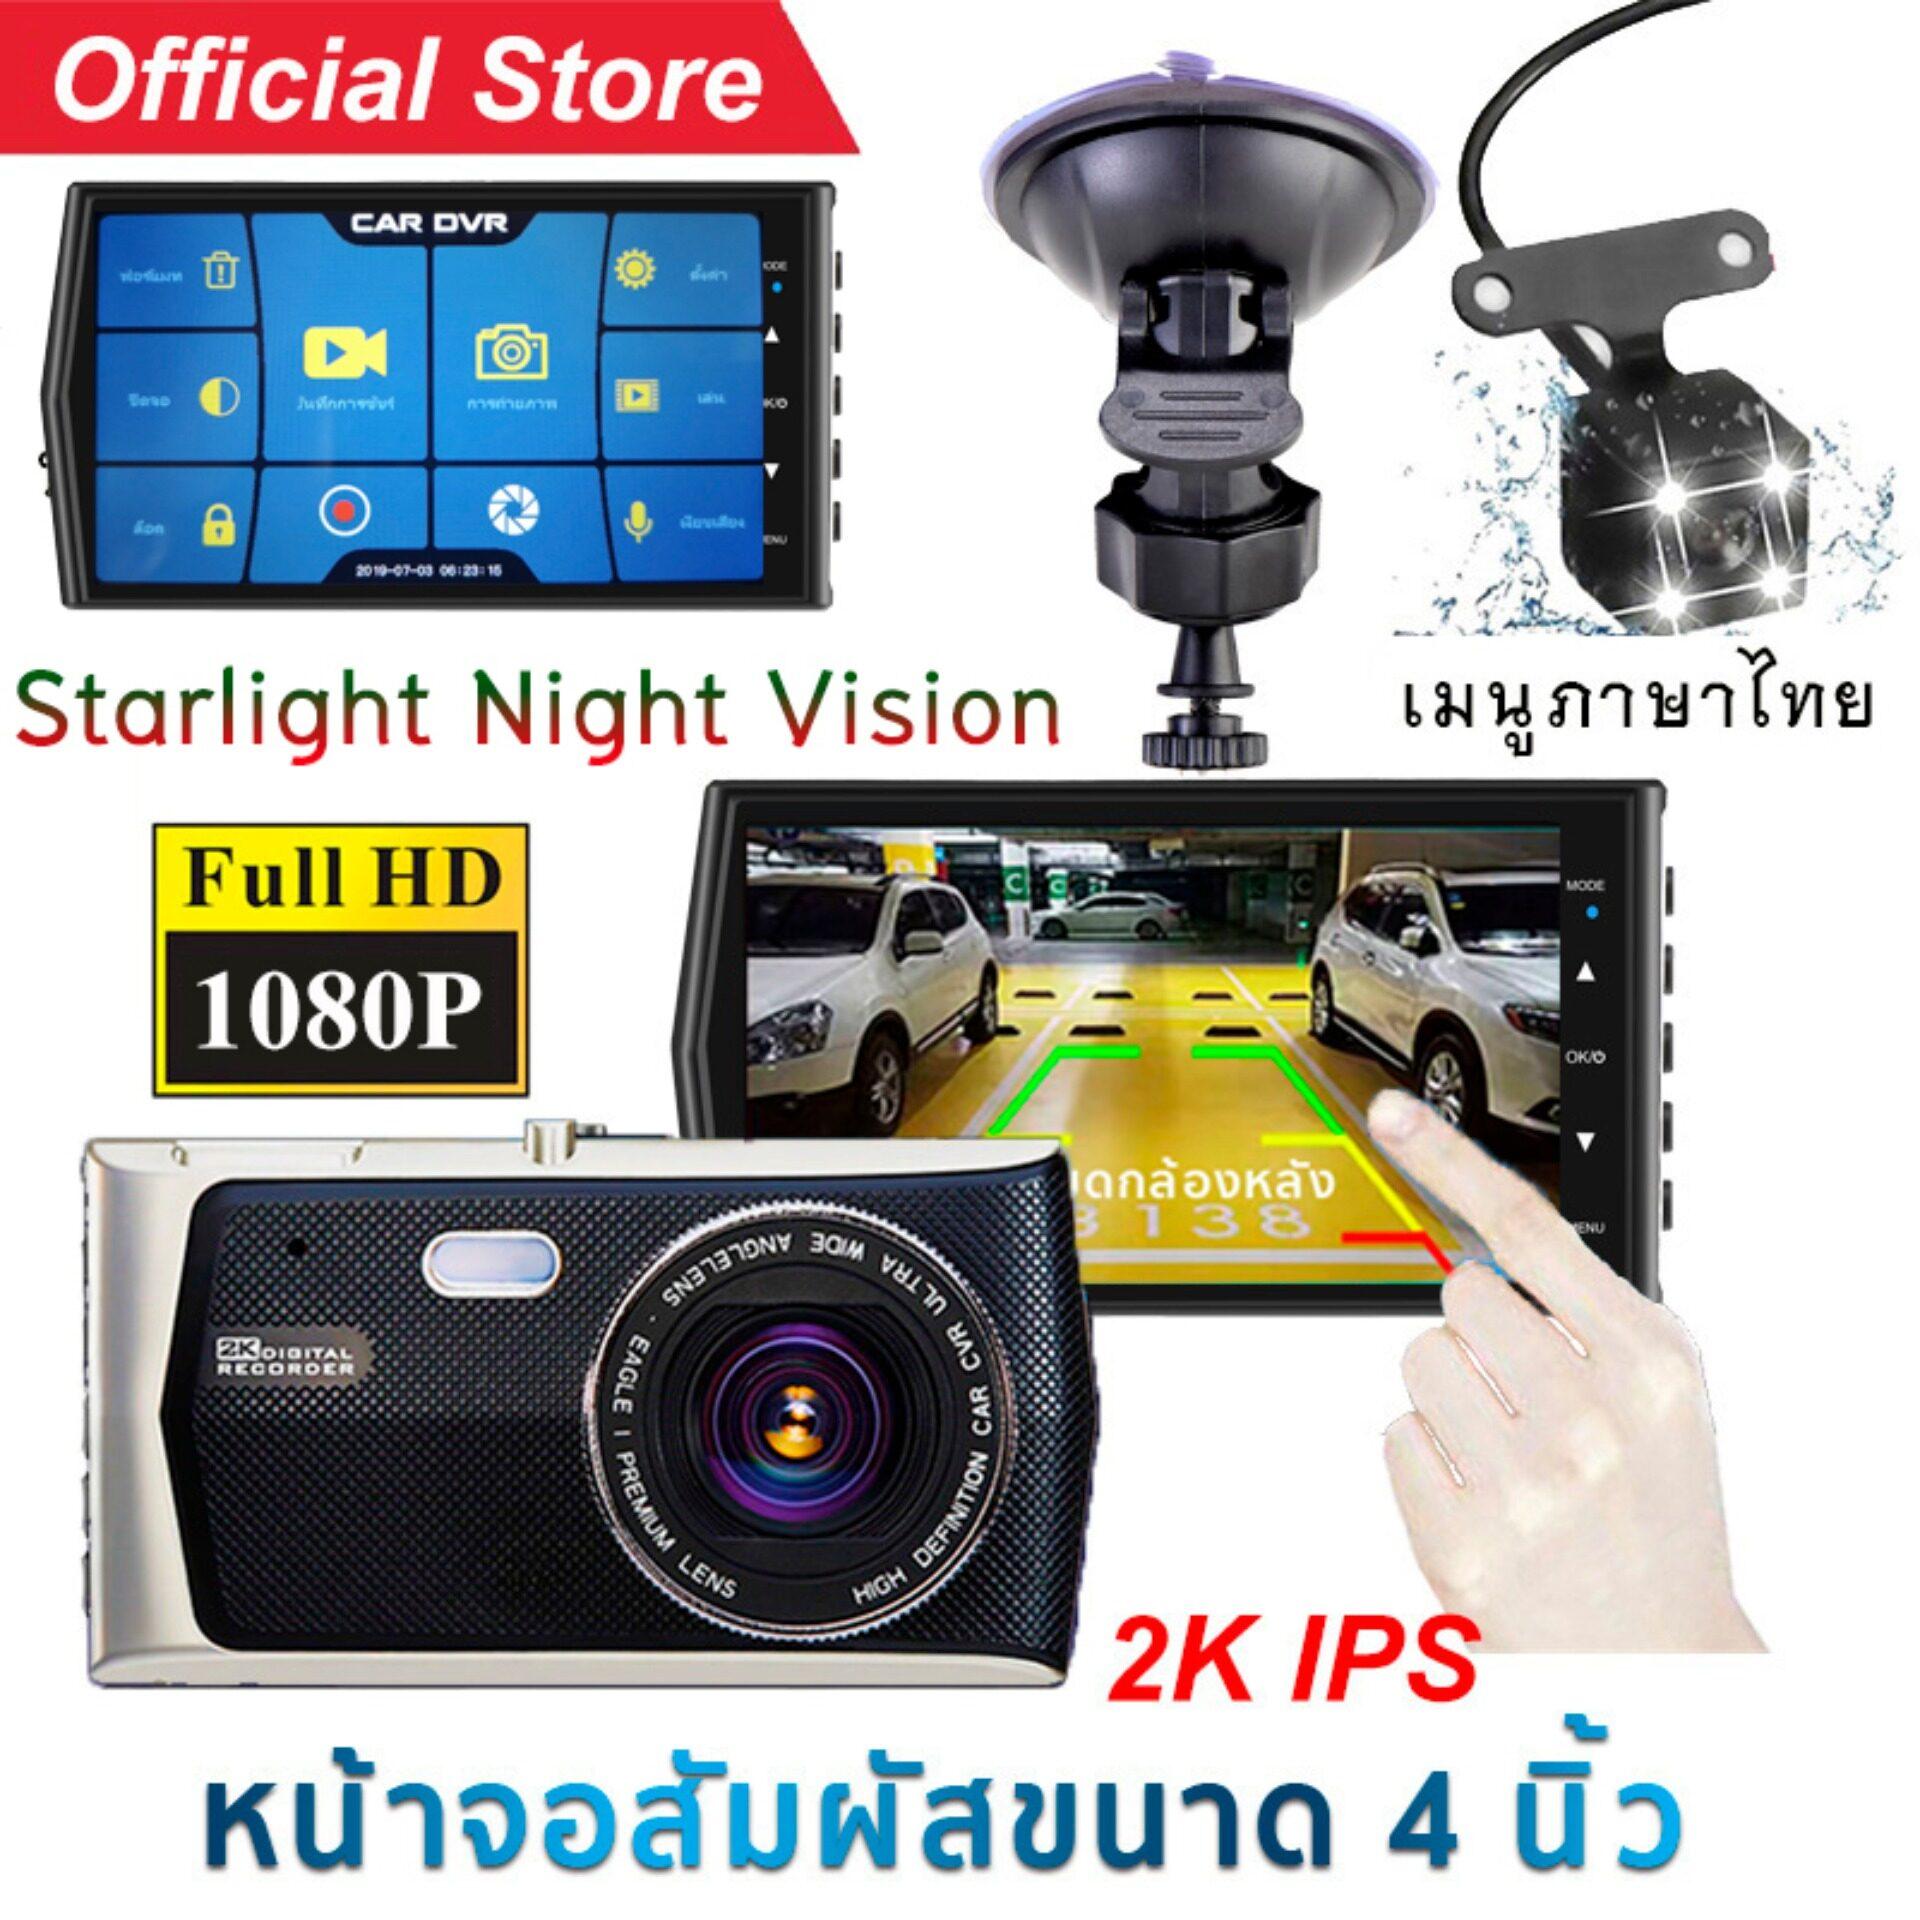 Driving Recorder กล้องติดรถยนต์ 2กล้อง หน้า-หลัง 4 นิ้วหน้าจอสัมผัส กล้องหน้ารถ 2k Car Camera  Full Hd 1080p Dvr  กล้องสำหรับรถยนต์ Dash กล้อง Wdr+hdr ทำงานร่วมกัน2ระบบ Super Night Vision กลางคืนสว่างที่สุด บอดี้โลหะ จอใหญ่.